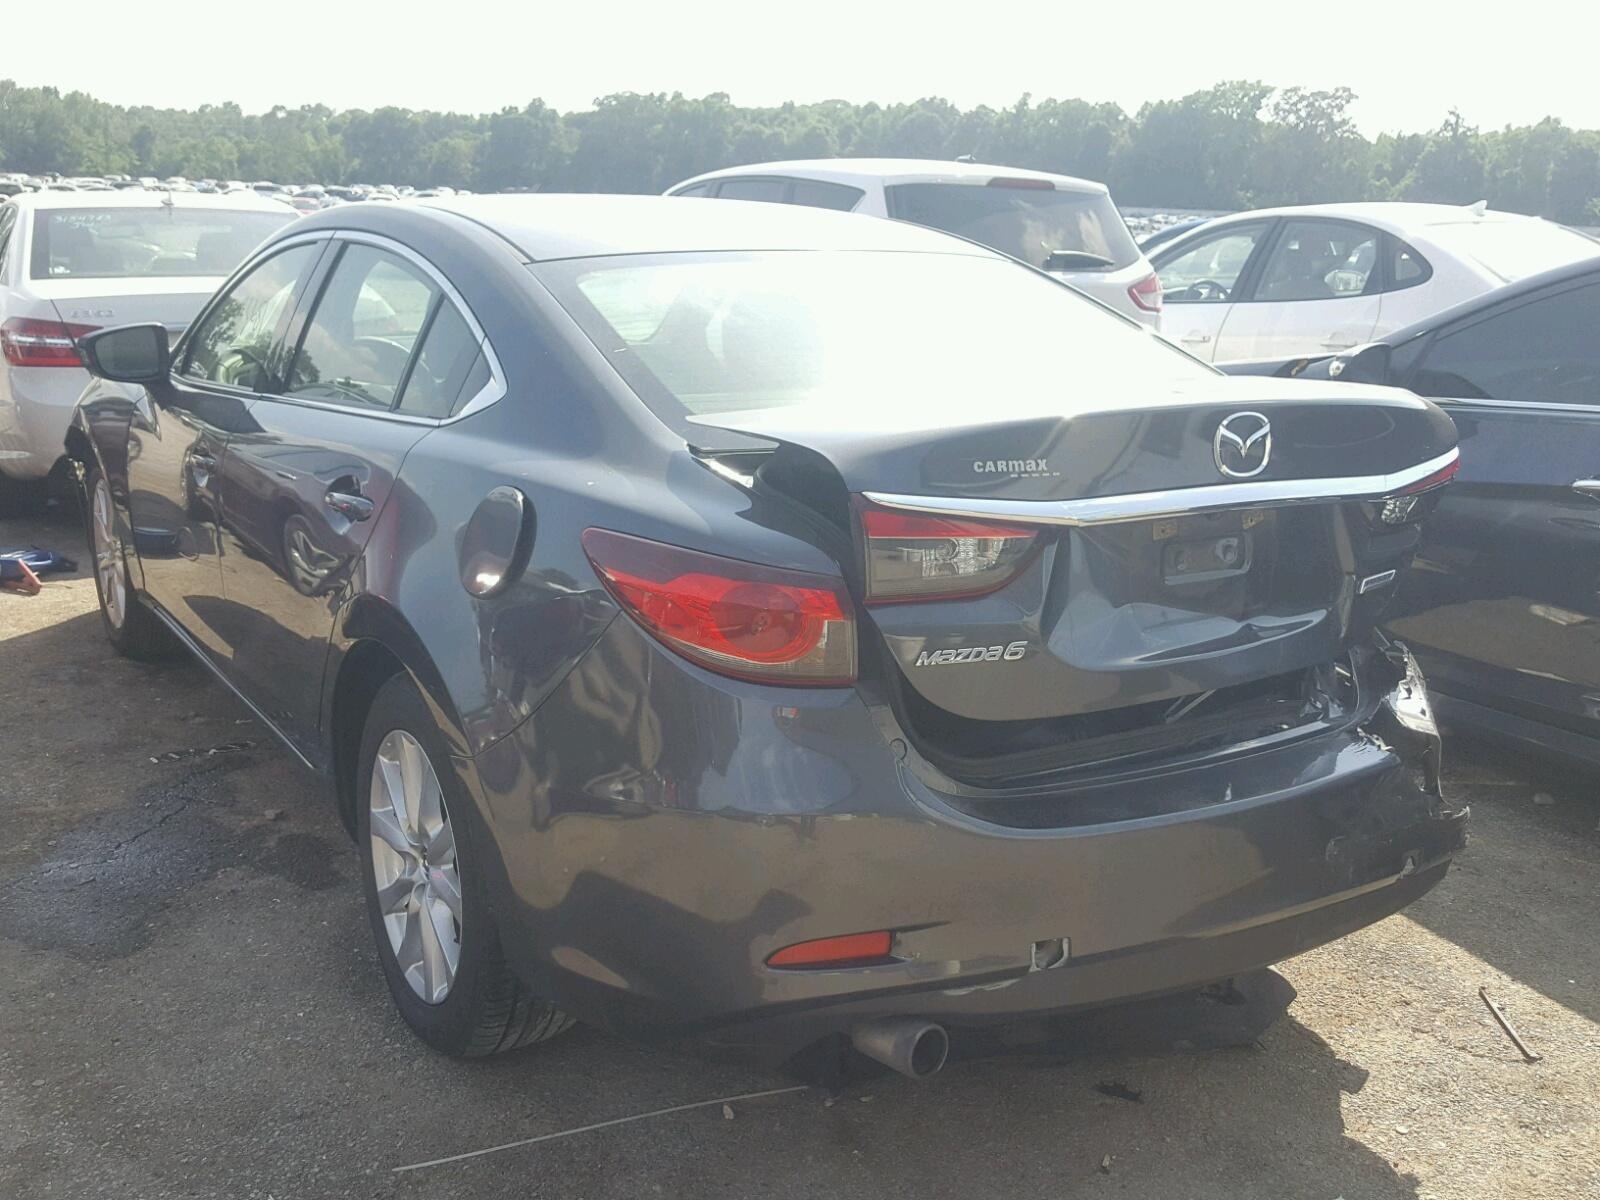 Jm1gj1u54g1405676 2016 Gray Mazda 6 Sport On Sale In Tn Memphis